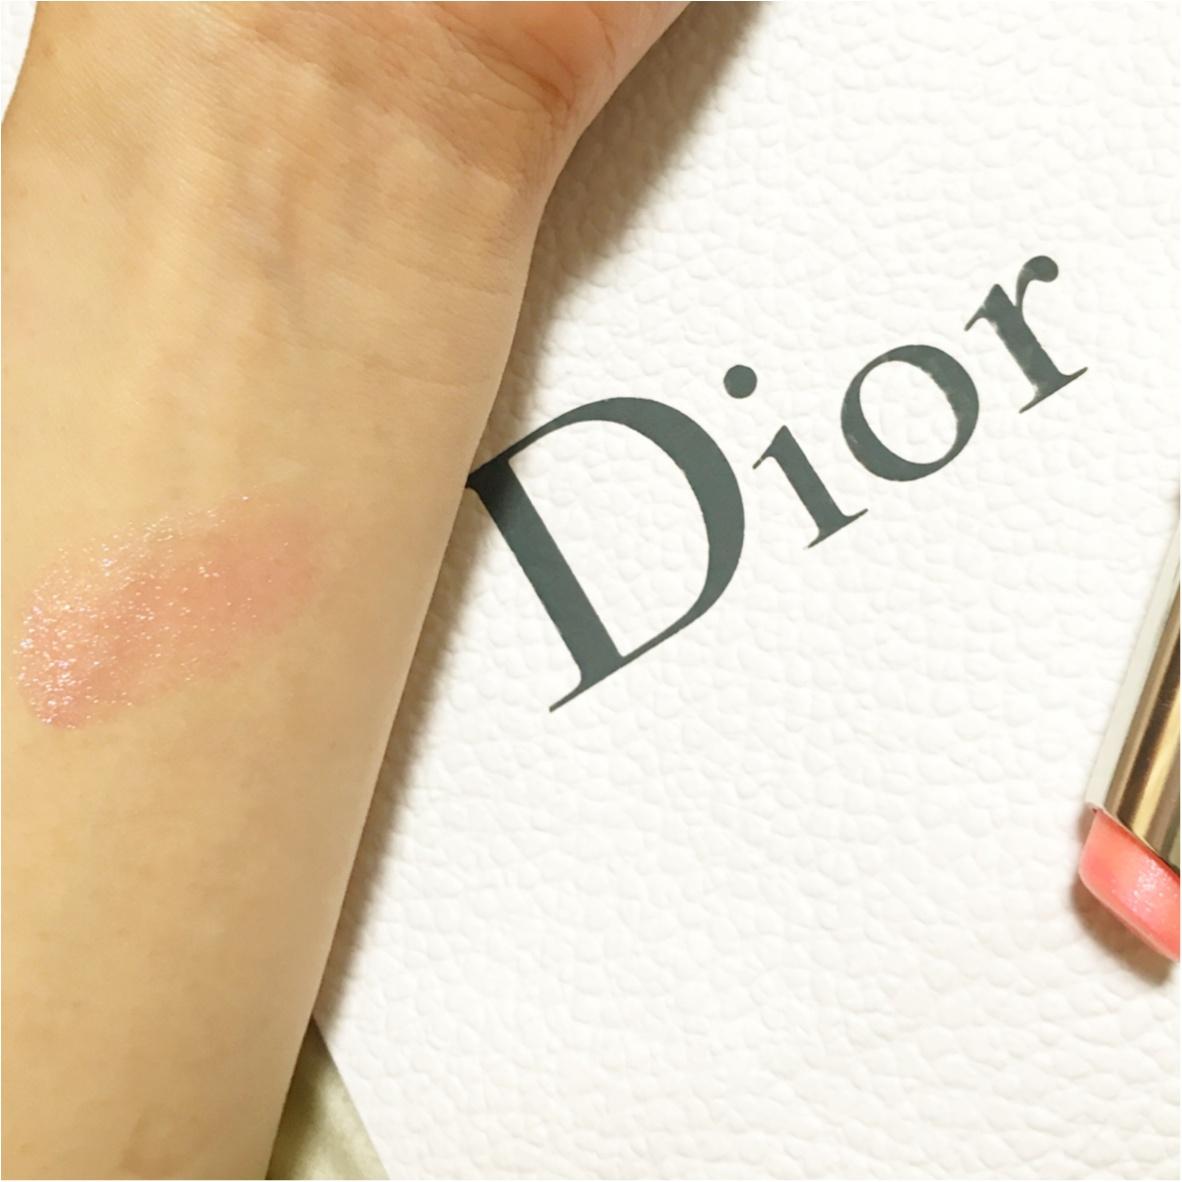 キラキラのくちびるに…♡【Dior(ディオール)】アディクトリップグロウ《ホロピンク》がかわいすぎるっ!!_4